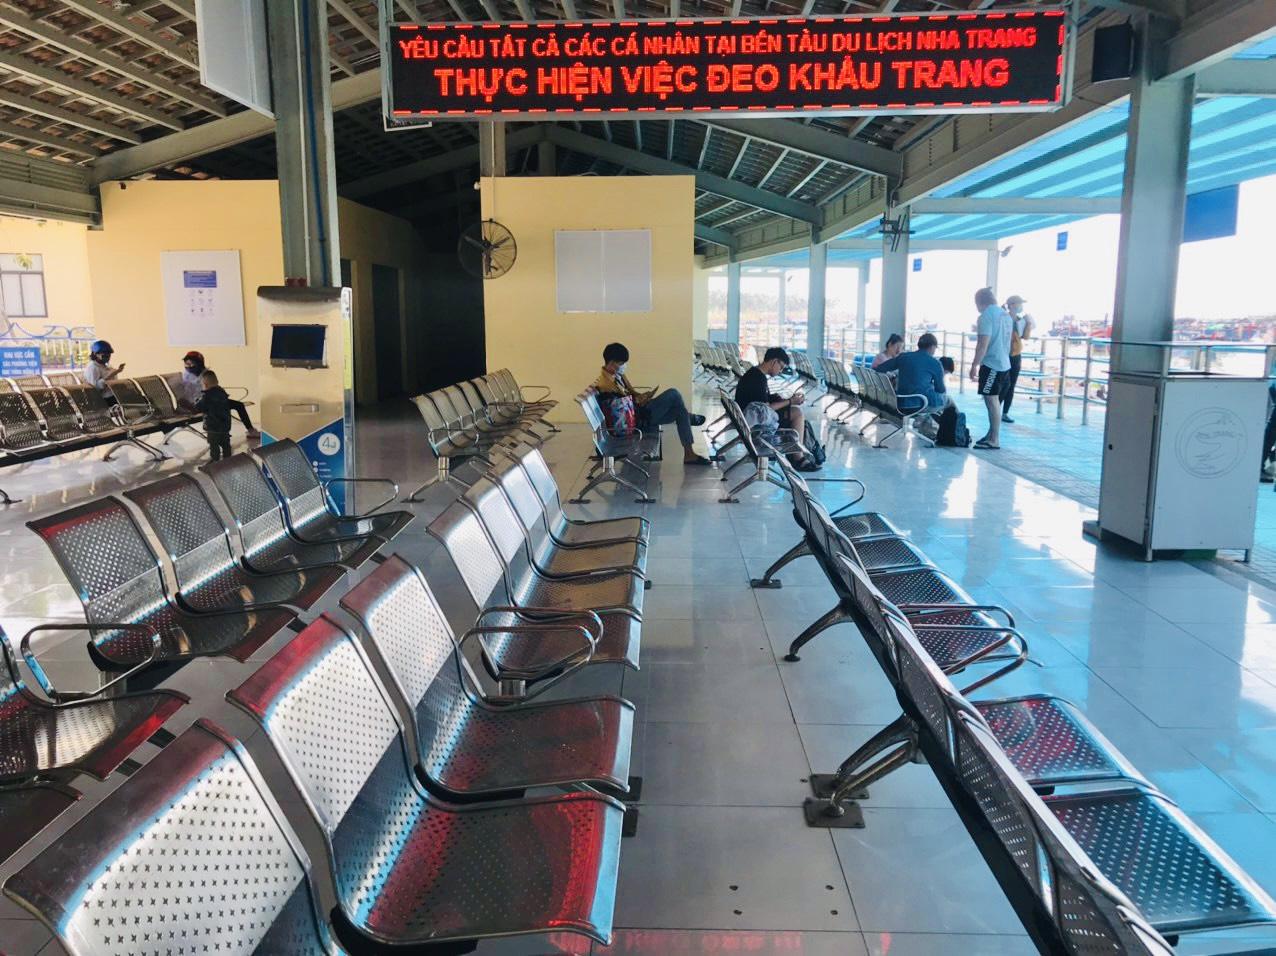 Nhà chờ của Bến tàu Du lịch Nha Trang vắng hoe trong ngày mùng 3 Tết Tân Sửu 2021